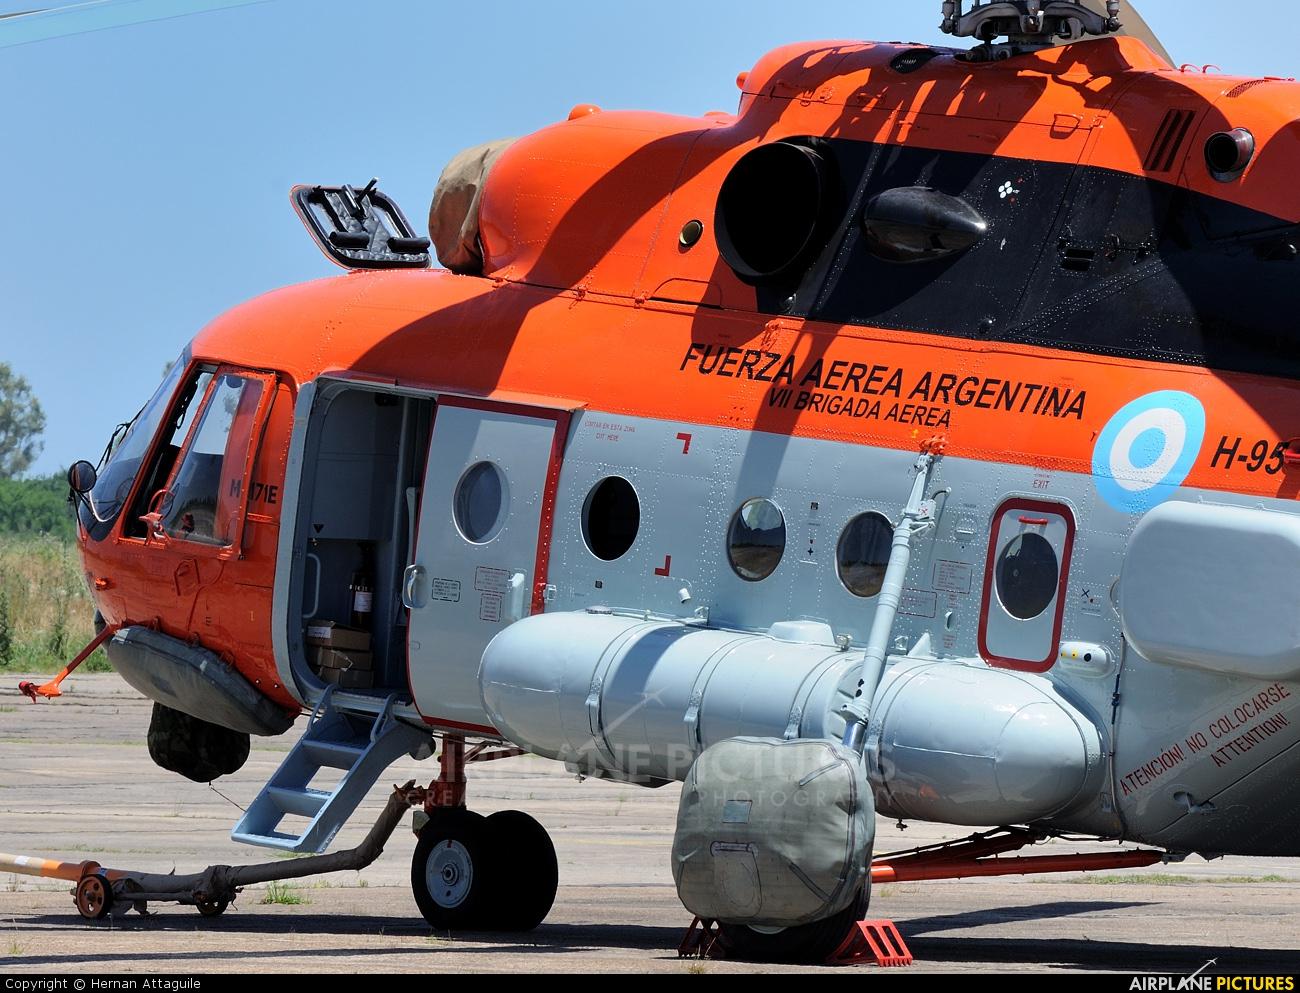 Argentina - Air Force H-95 aircraft at Mariano Moreno